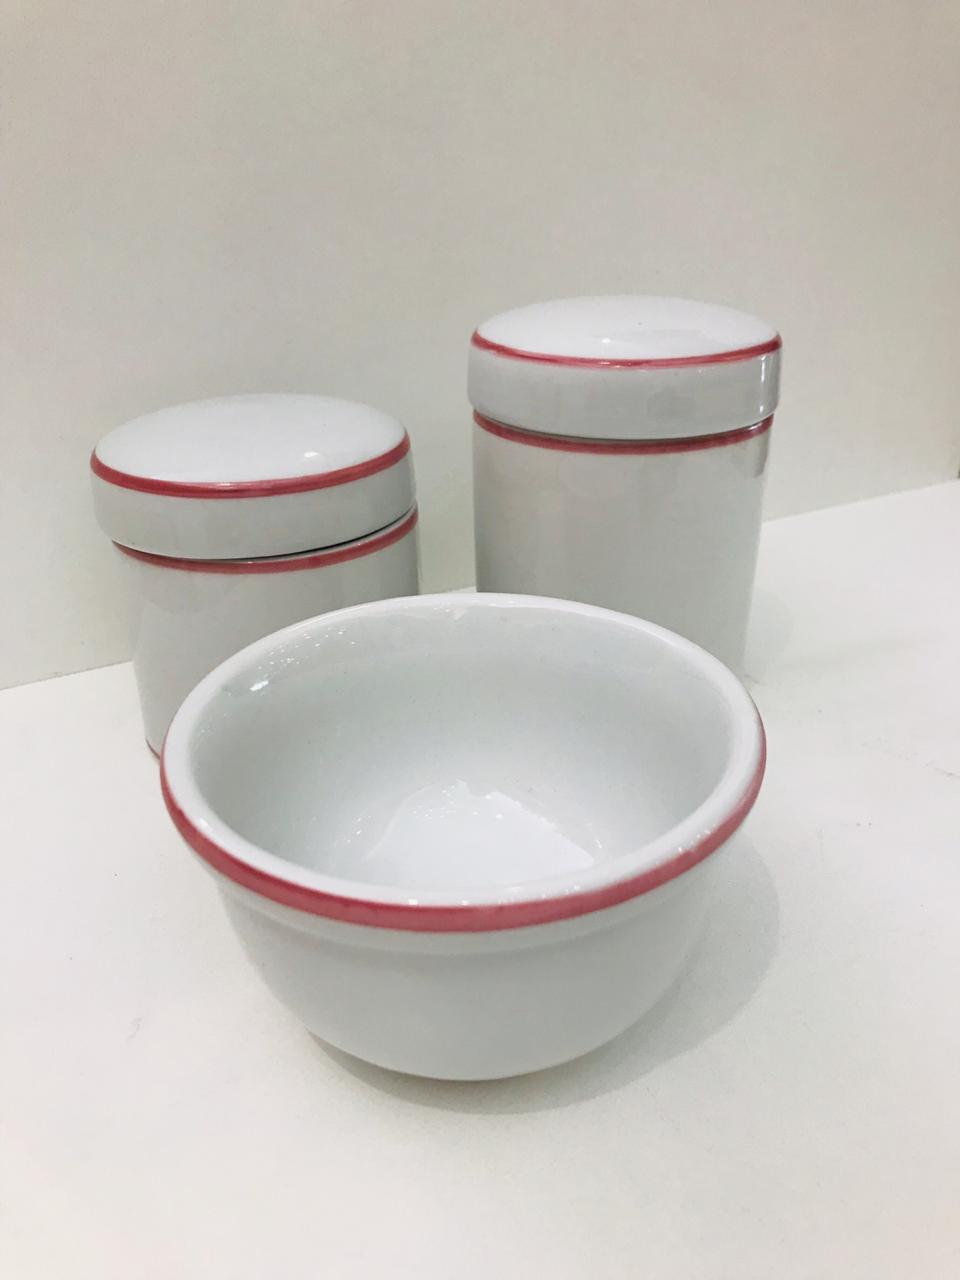 Kit Porcelana Branco Com 1 Filete Rosa 3 PÇS - bv